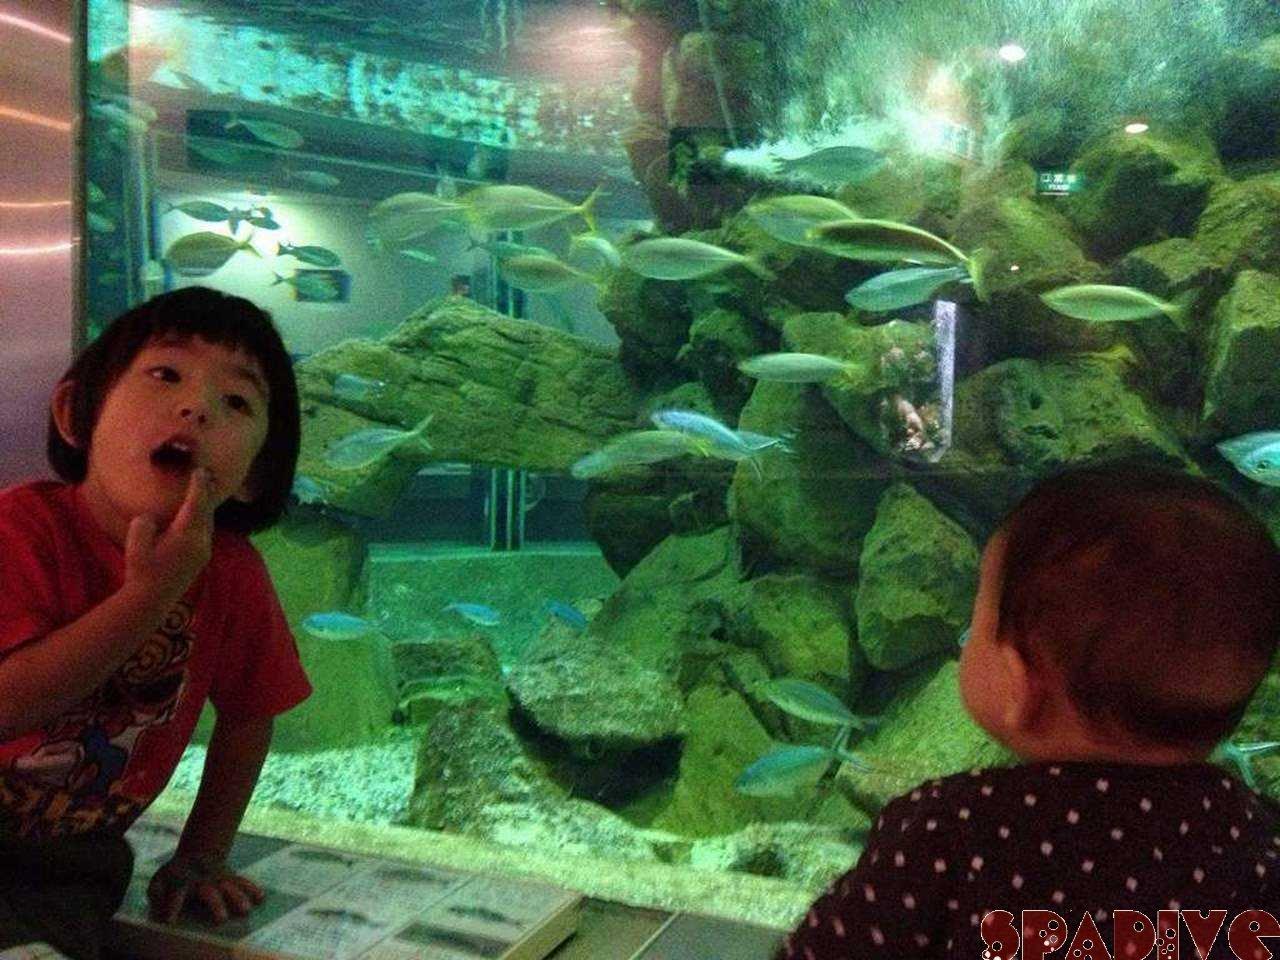 子ども達といった白浜の京都大学水族館 10/27/2012南紀白浜